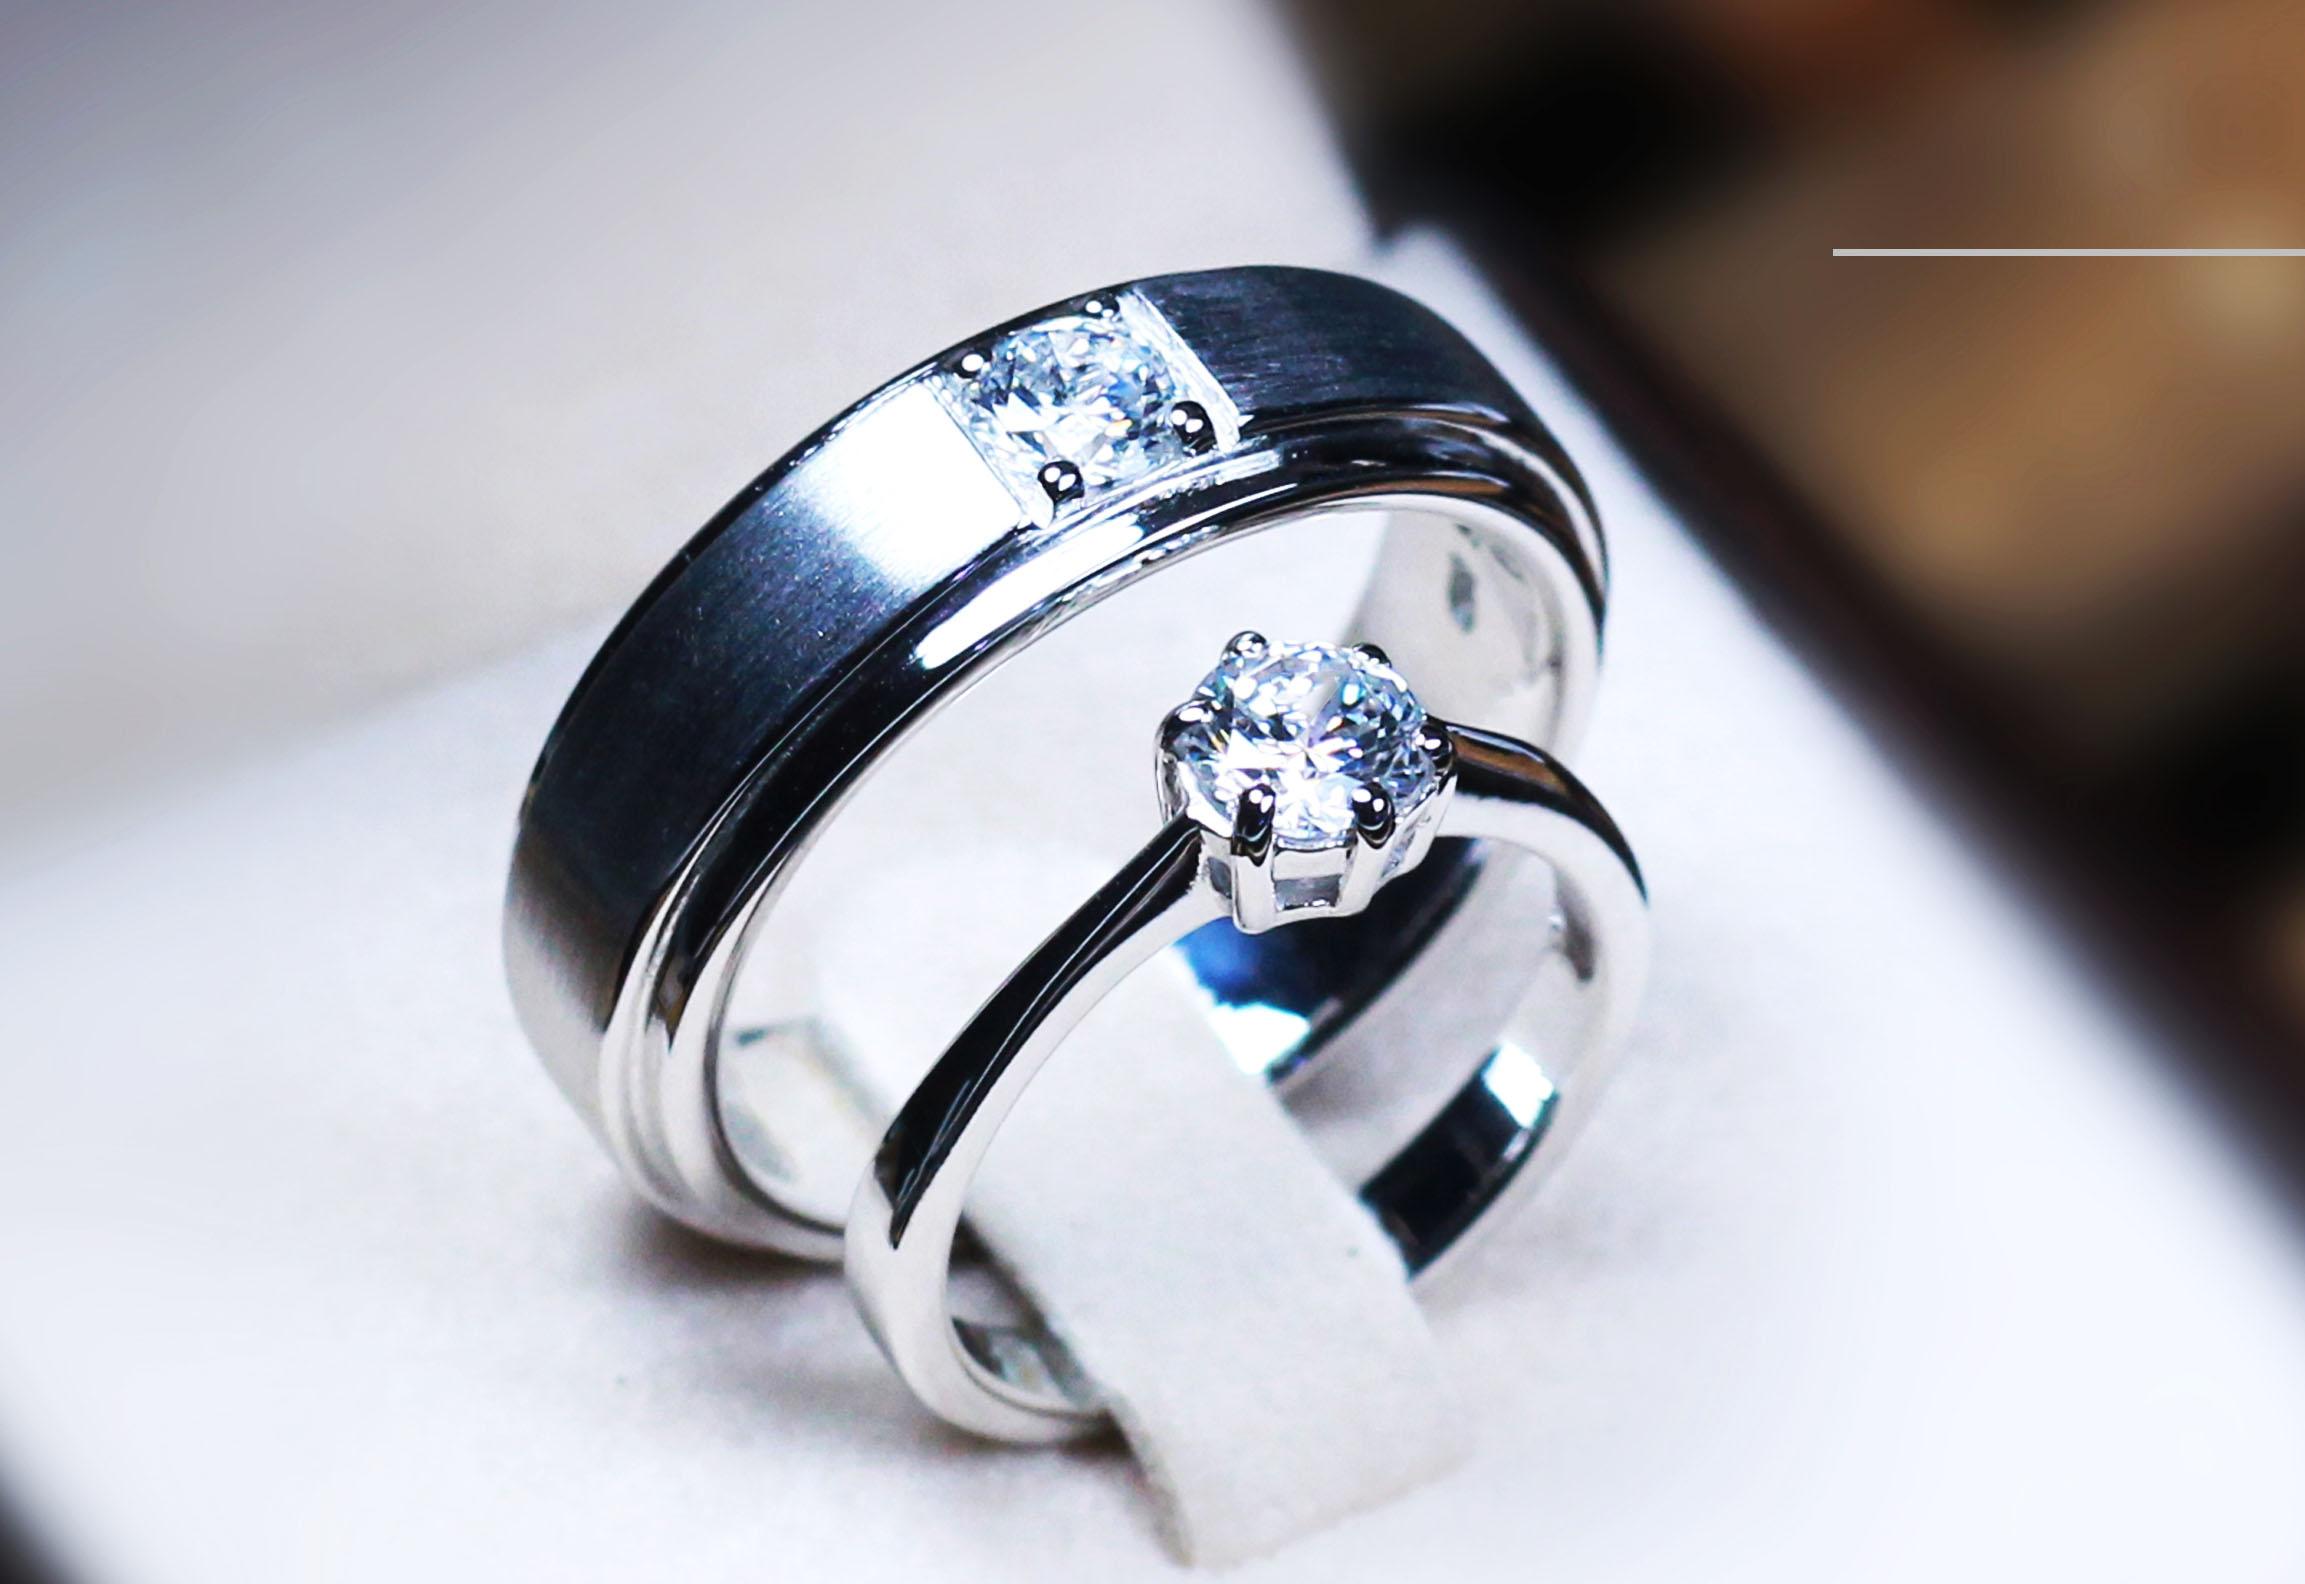 แหวนคู่รักเงินแท้ เพชรสังเคราะห์ ชุบทองคำขาว รุ่น LV14181505 TW boy & 0.50 carat